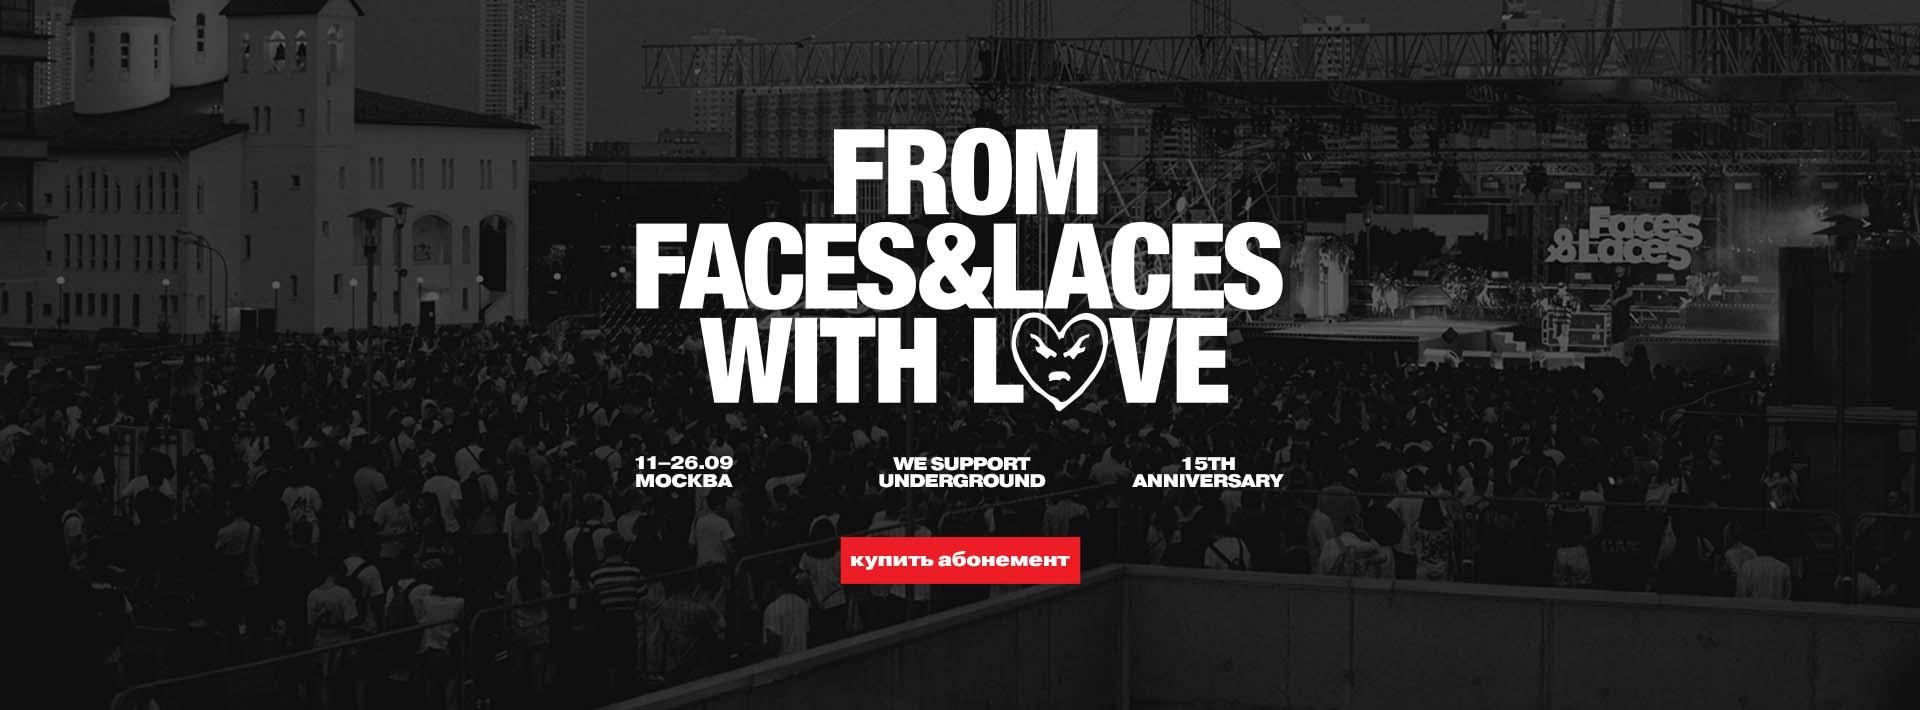 Фестиваль Faces & Laces 2021